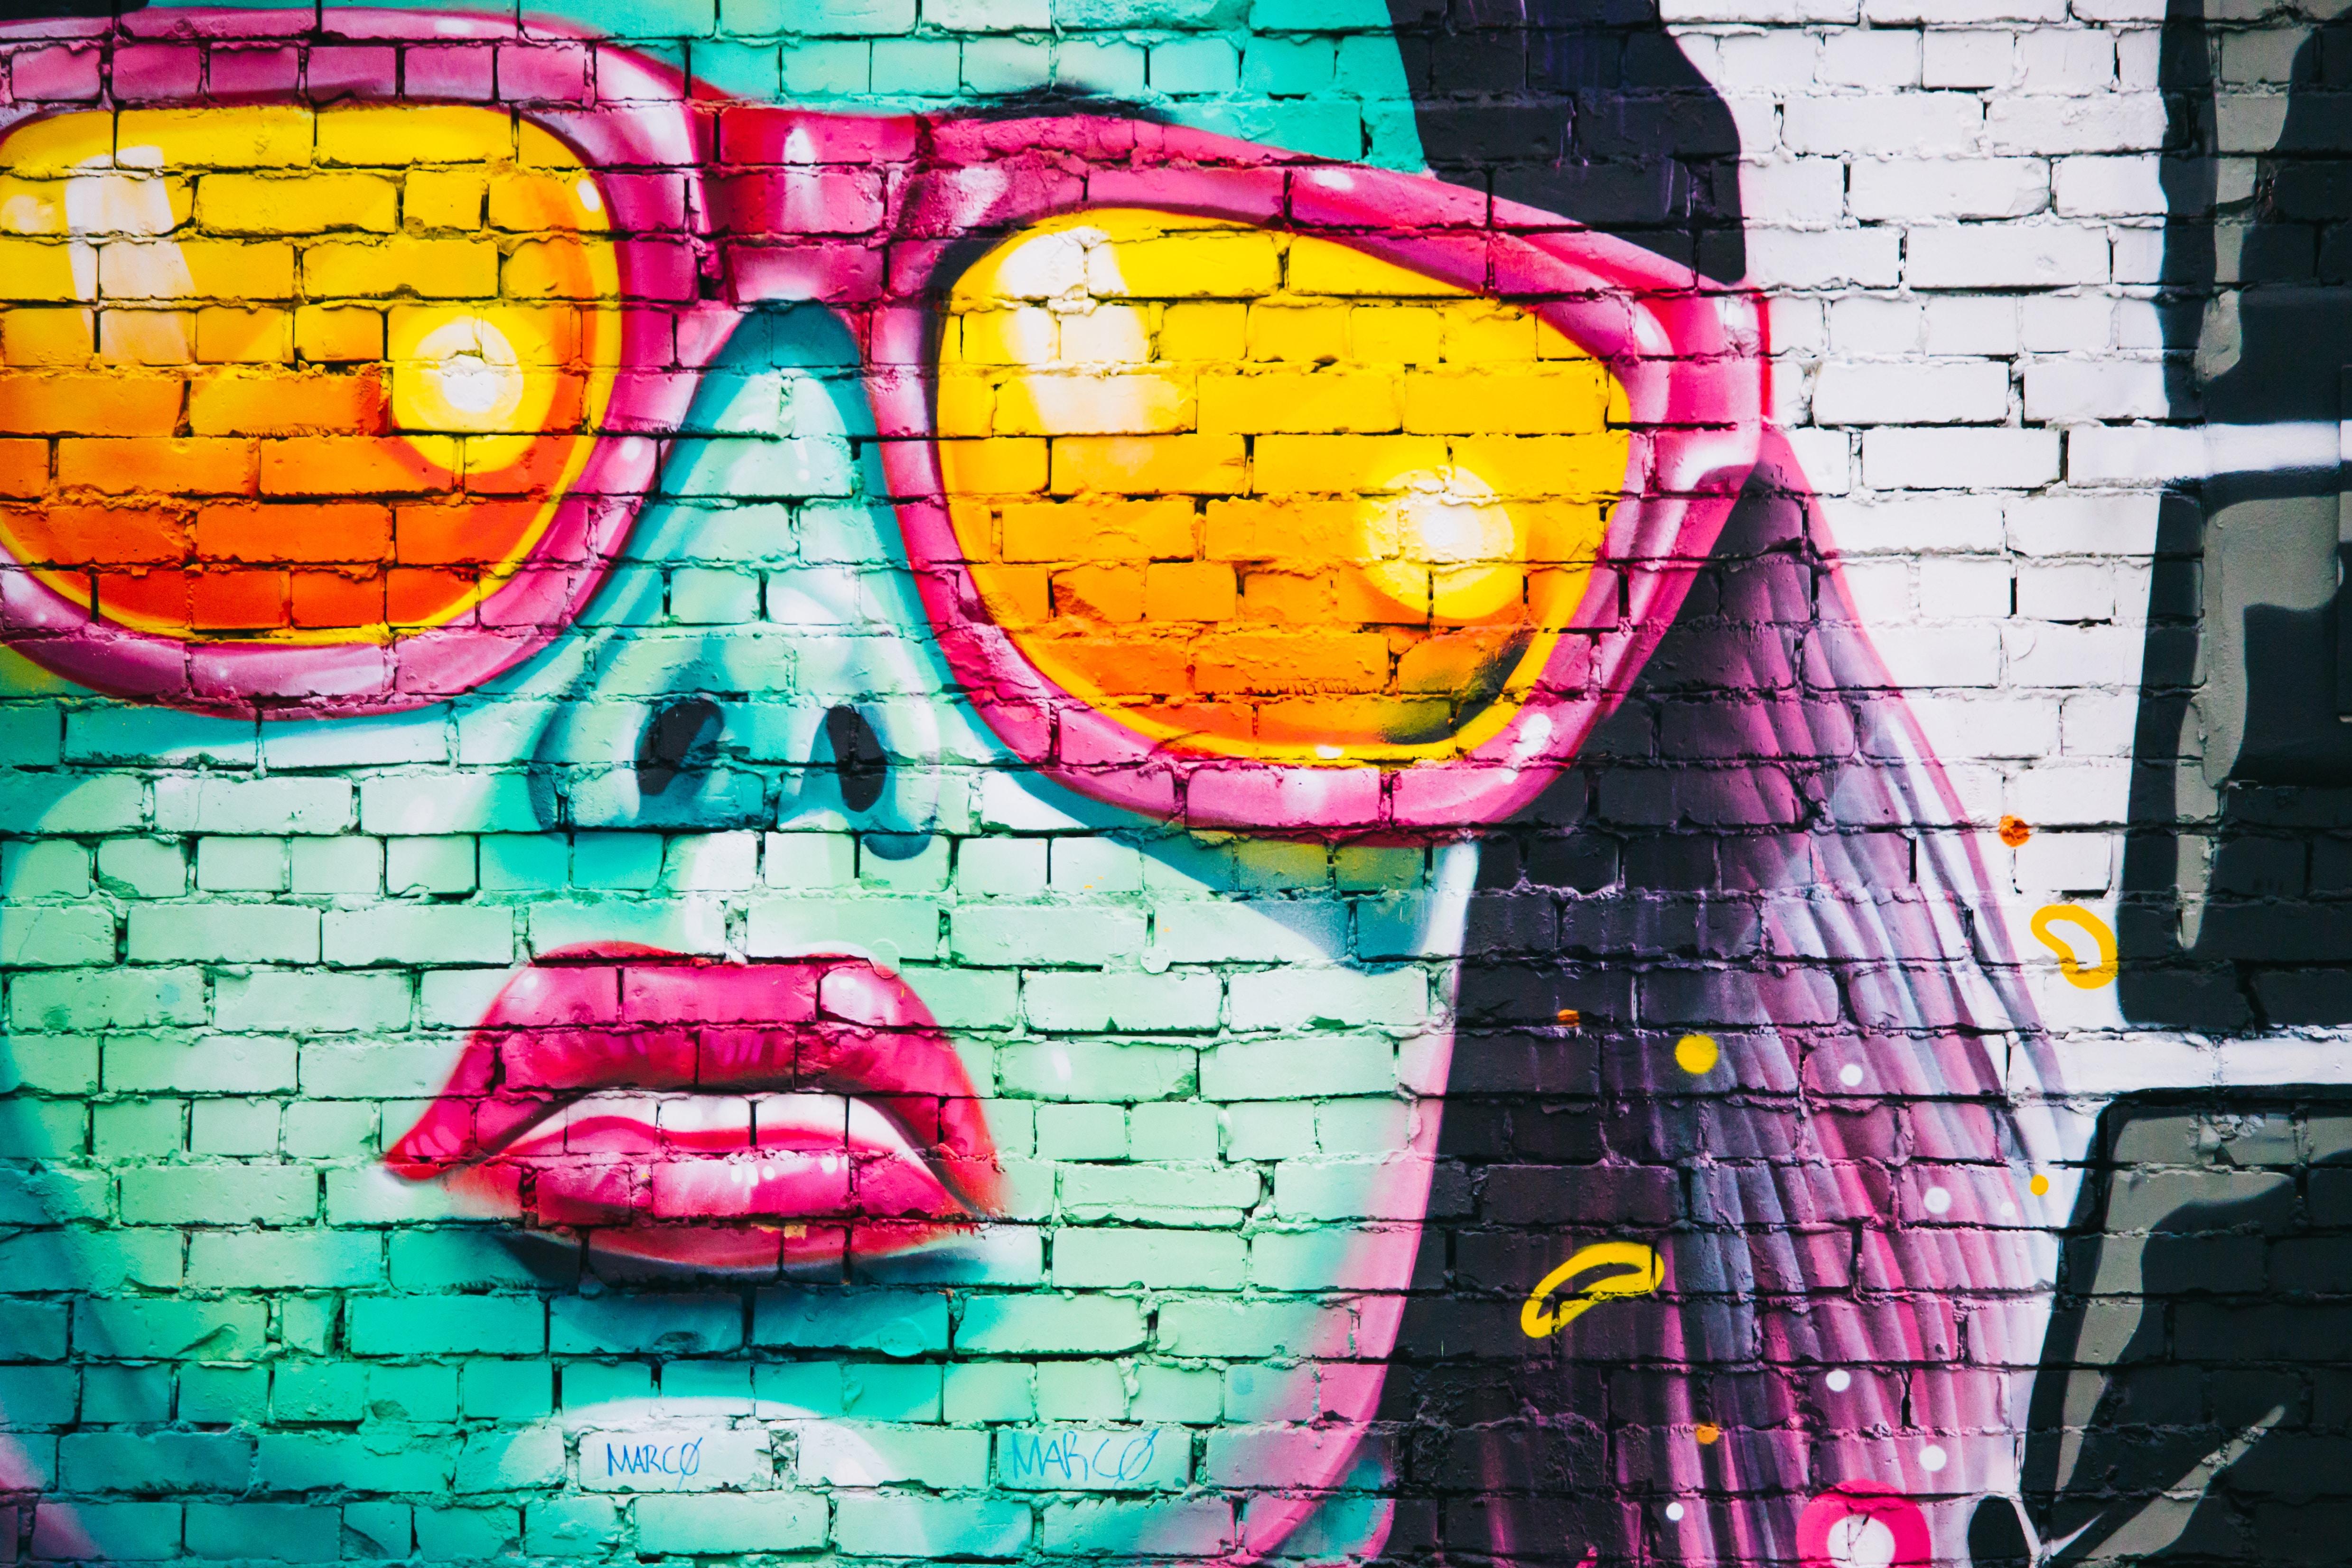 Graffiti auf einer weissen Mauer zeigt eine Nahaufnahme einer Frau in Neonfarben